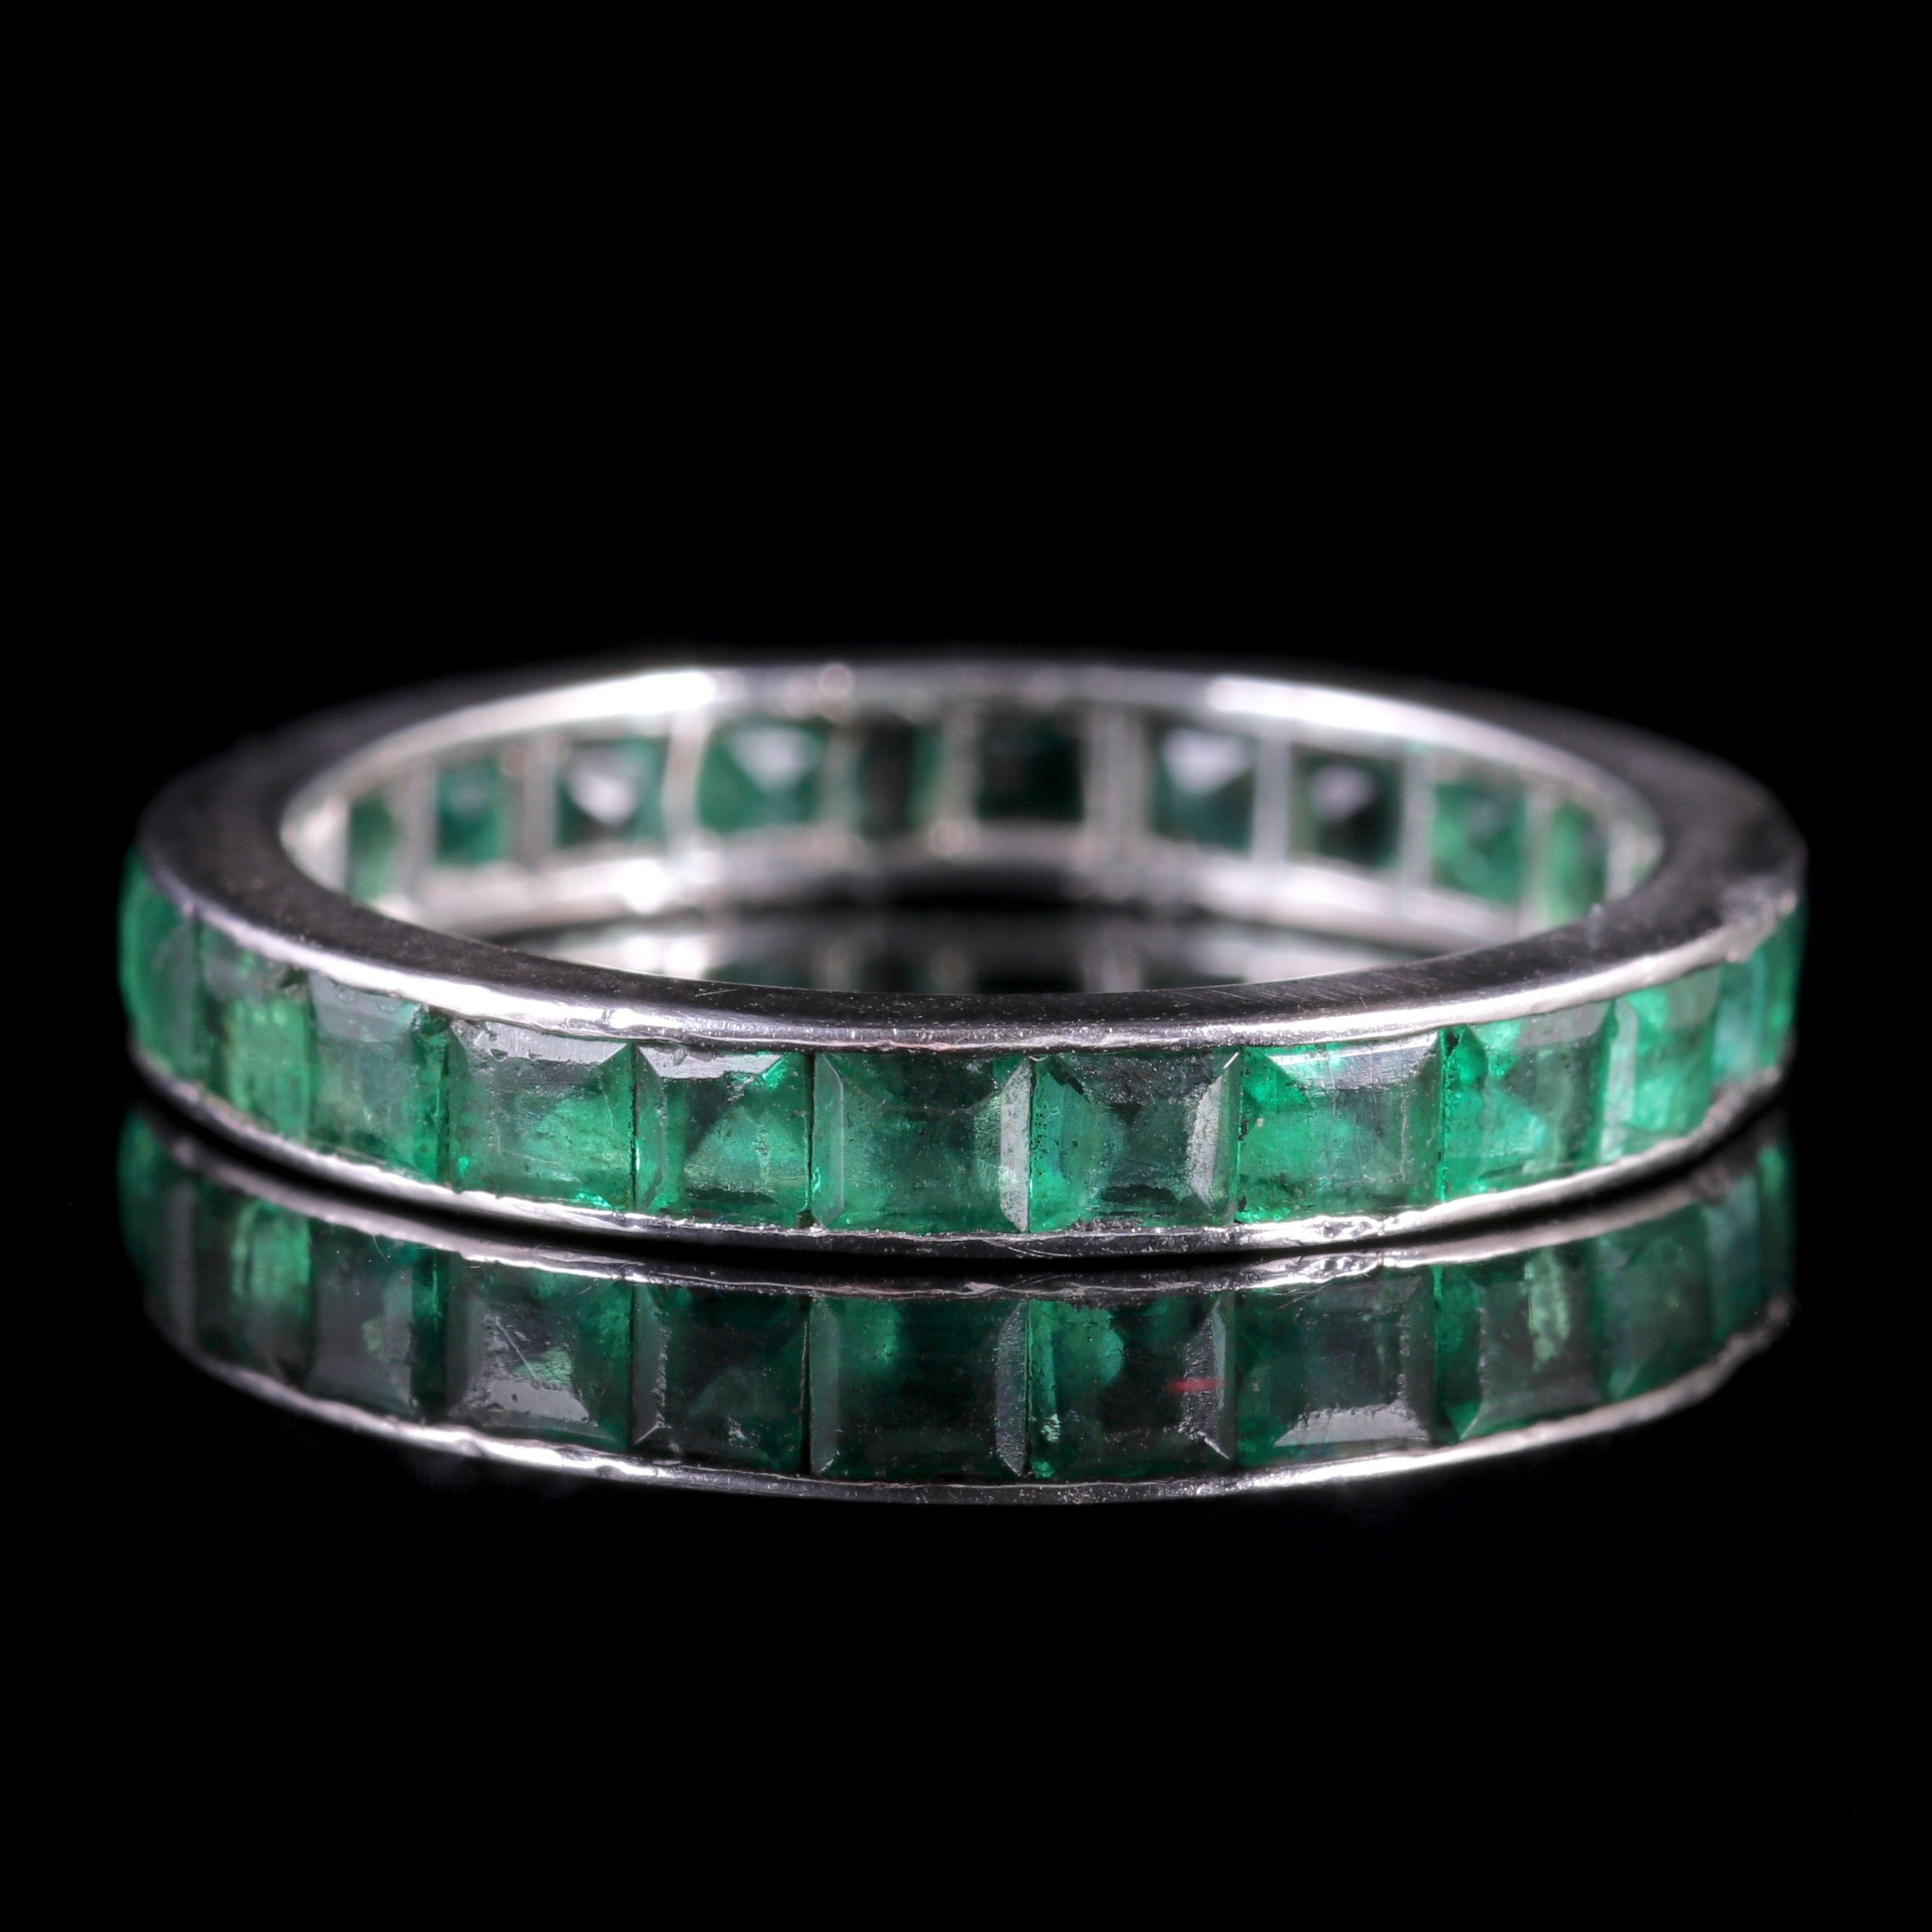 Art deco full emerald eternity ring circa 1920 antique